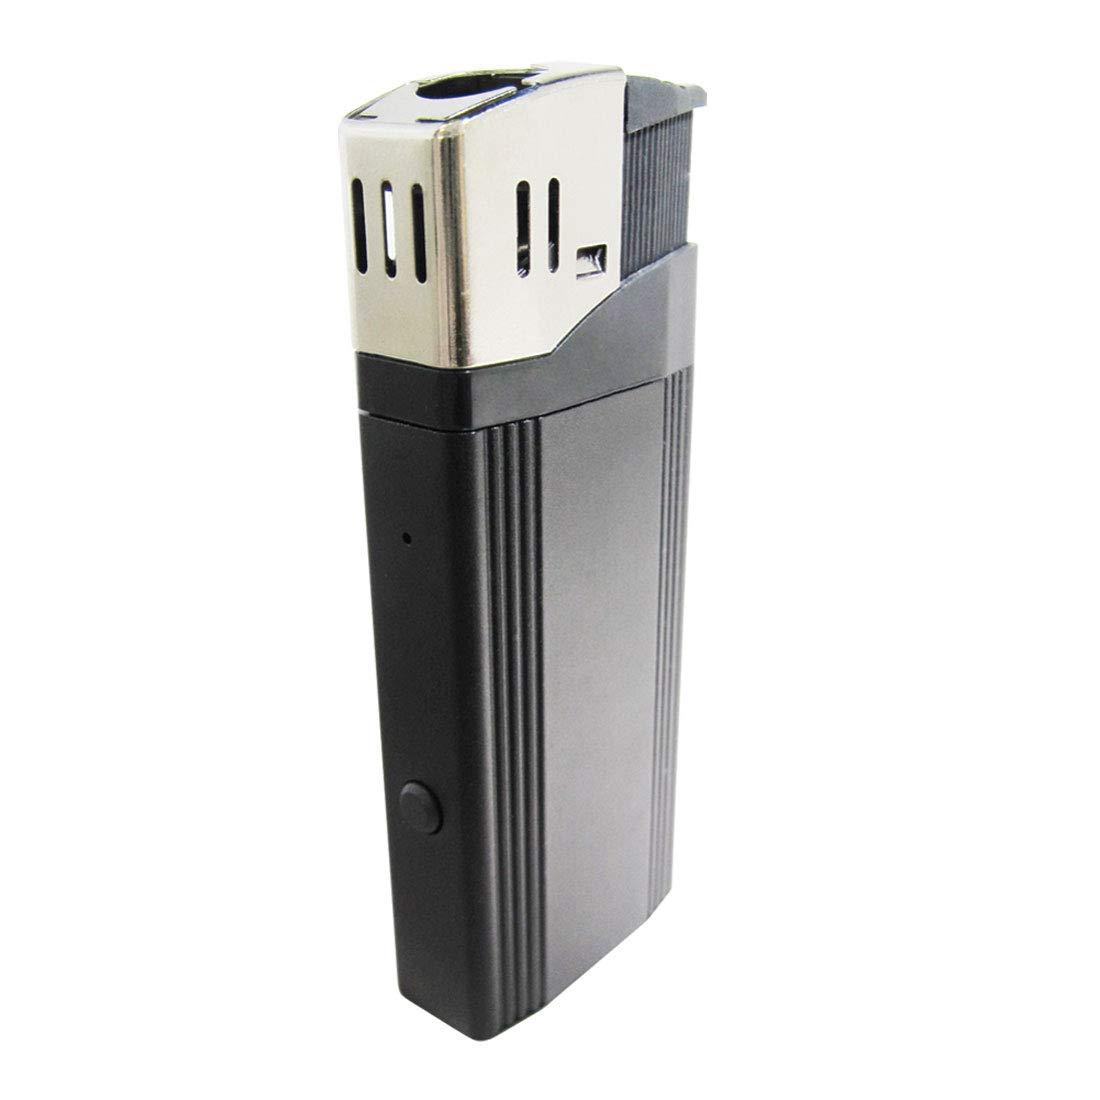 品多く ライター型カメラ B07J64TSNN 超高画質1080P ビデオ録画機能 USBライター使用可能 暗闇も撮影可能なミニライト搭載 バイブレーション機能で簡単操作可能 売れ筋のスパイカメラ【日本語説明書付き】 B07J64TSNN, オオツチチョウ:190f2c2b --- ceska-porna.cz